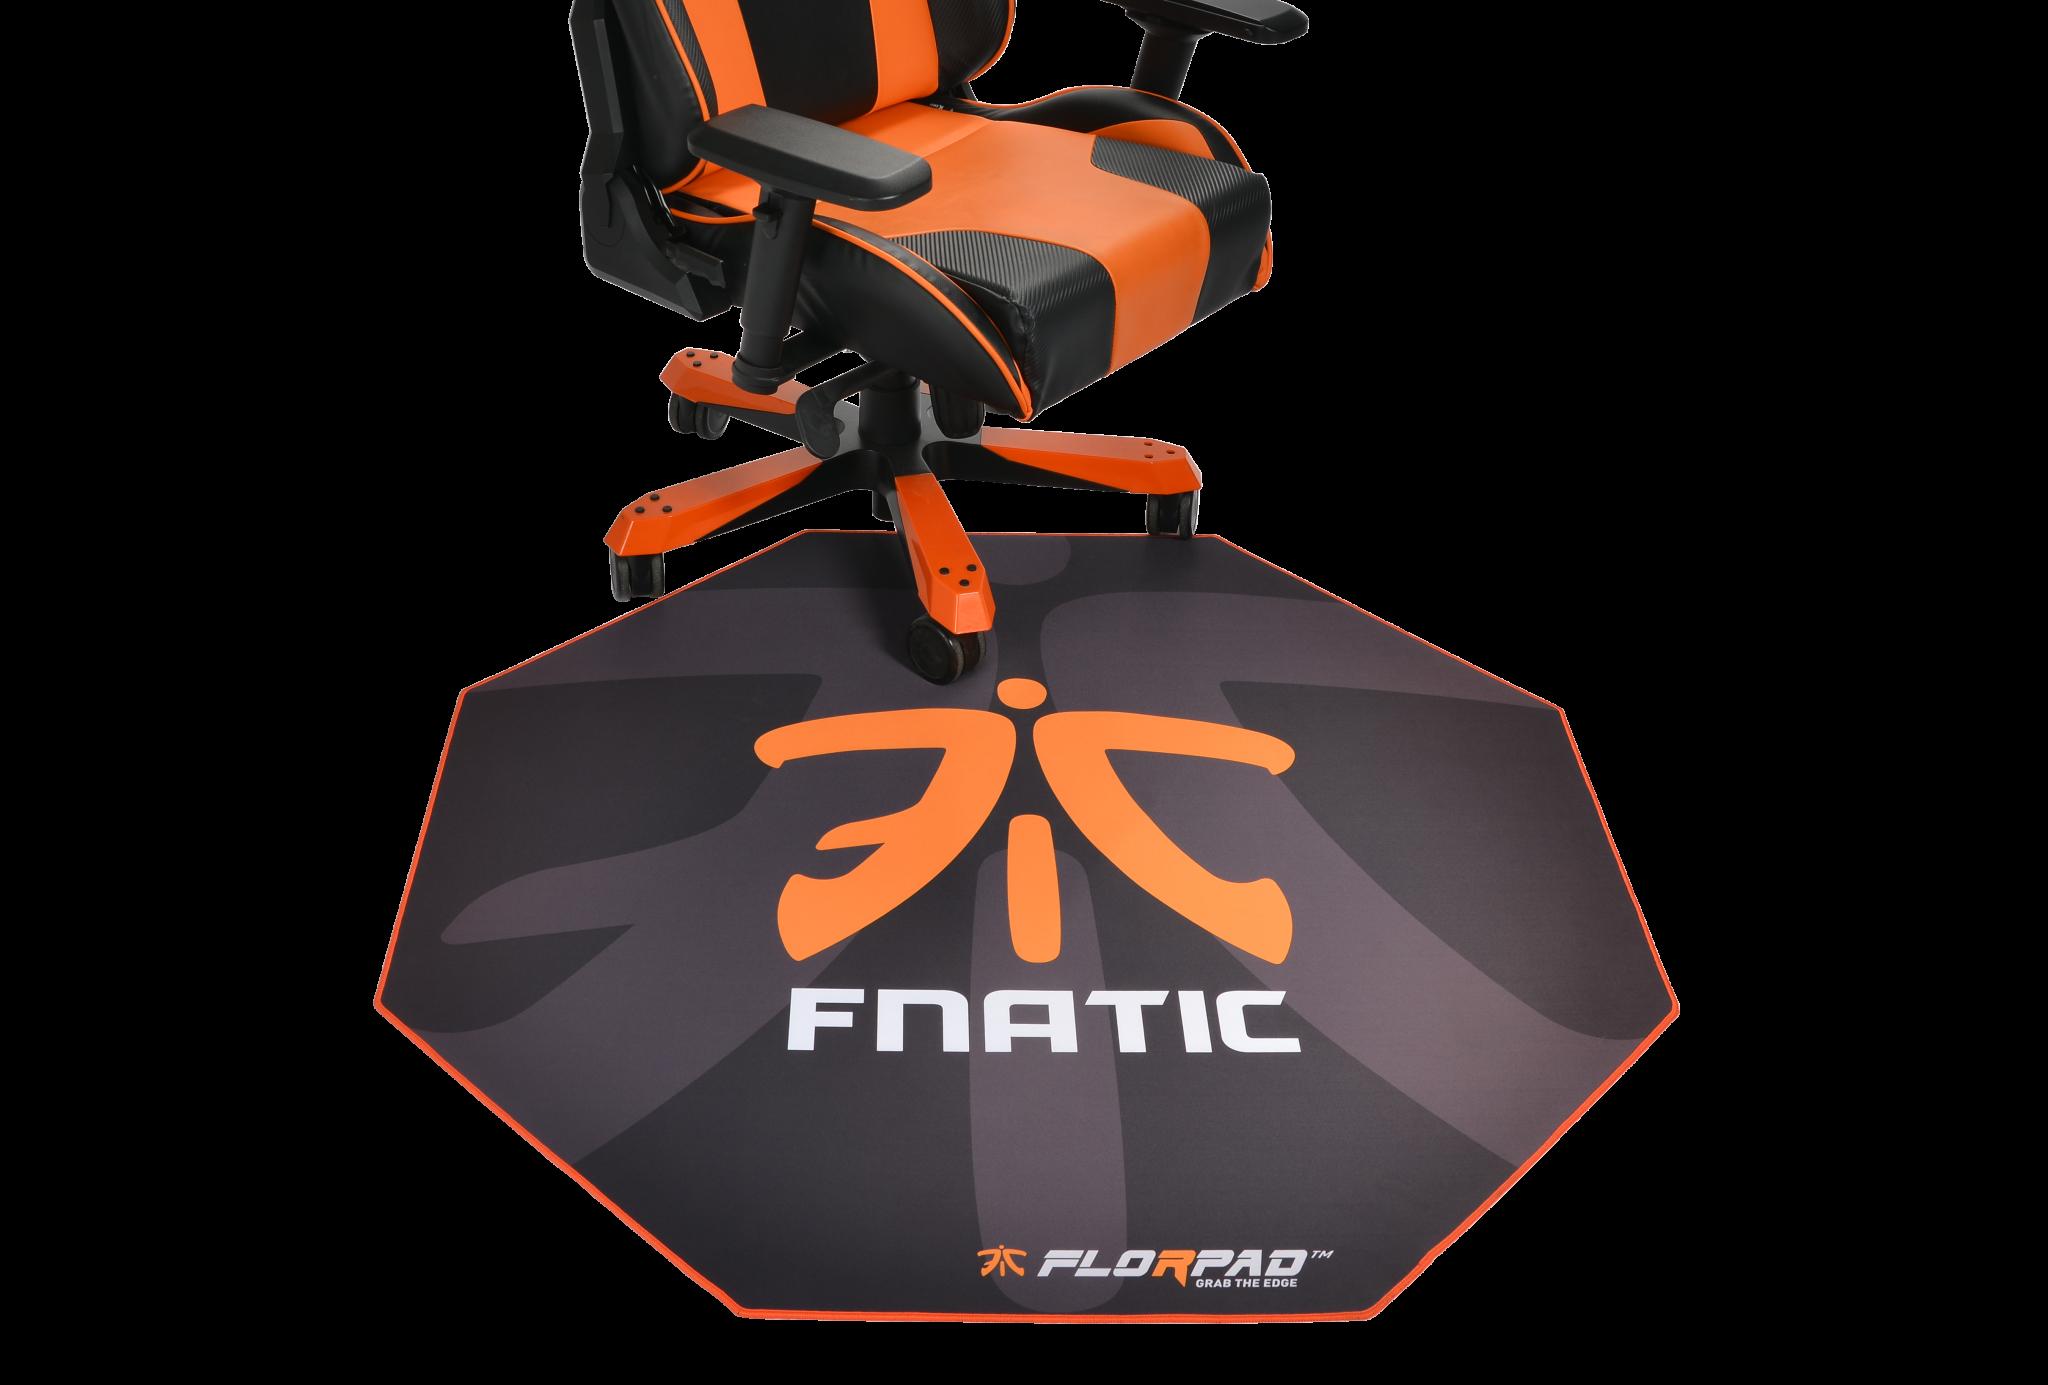 Podkładka pod krzesło - Florpad Fnatic